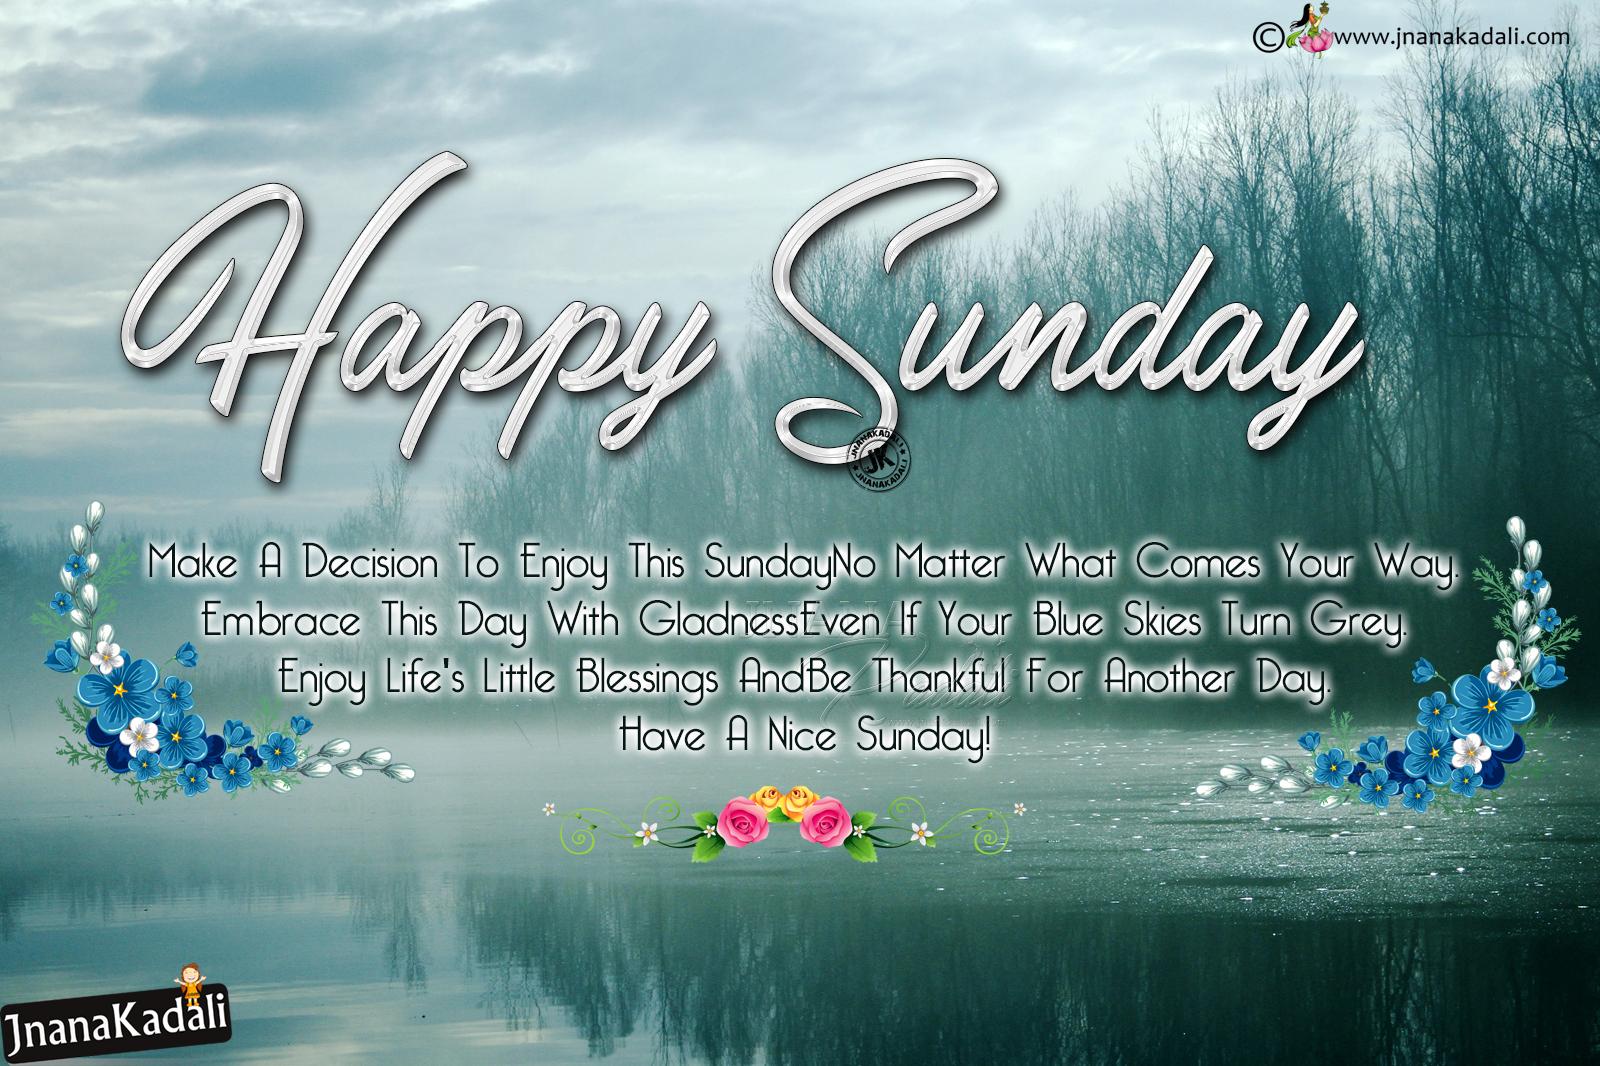 Happy Sunday Greetings In English Joyfull Happy Sunday Greetings In